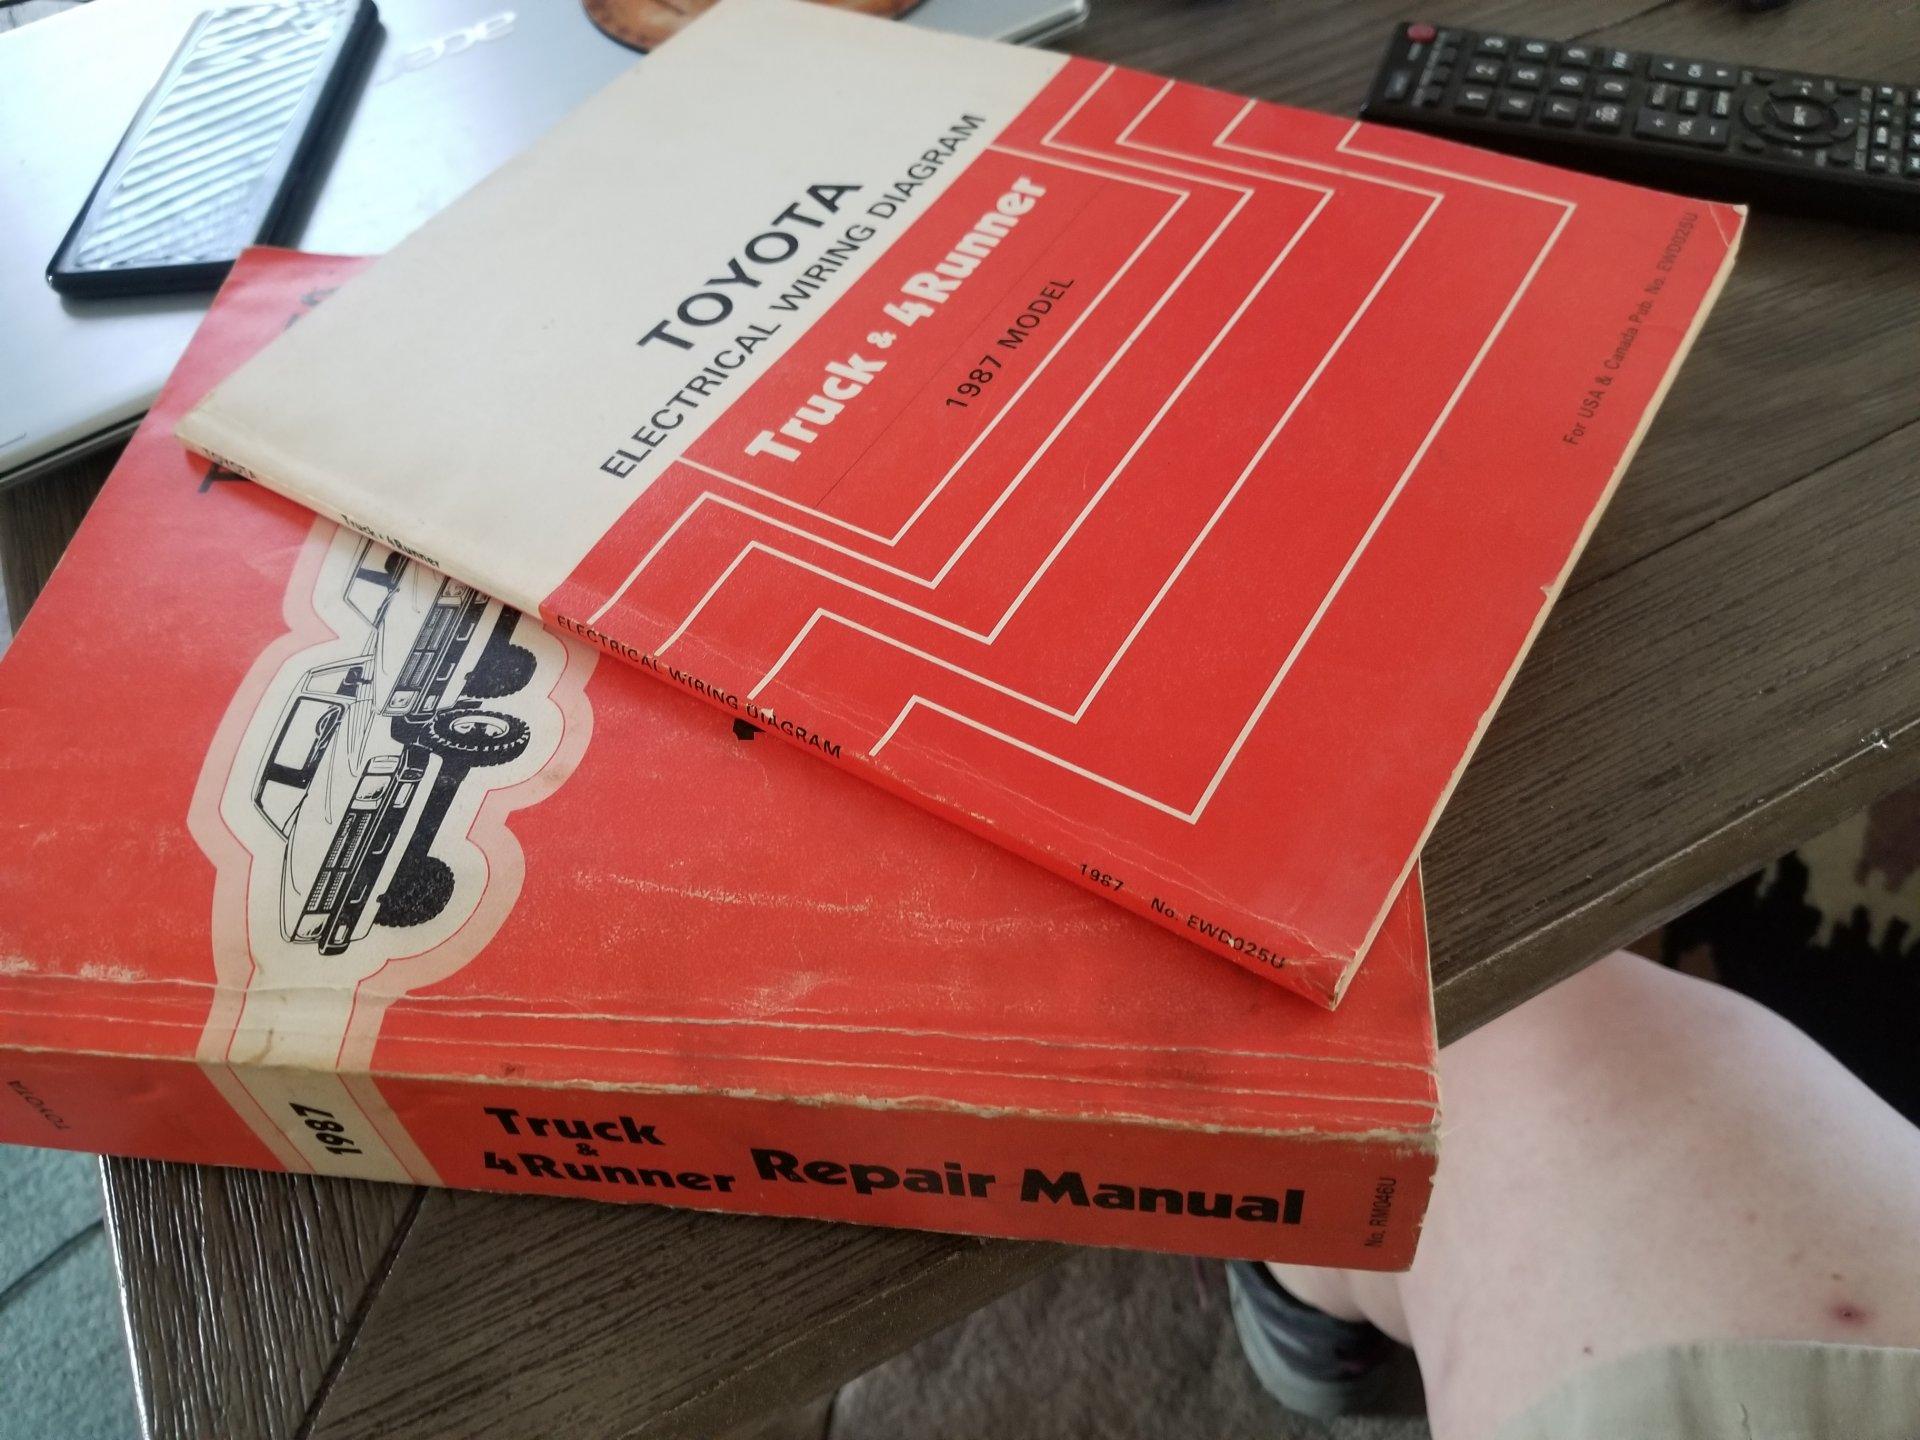 4runner manual.jpg